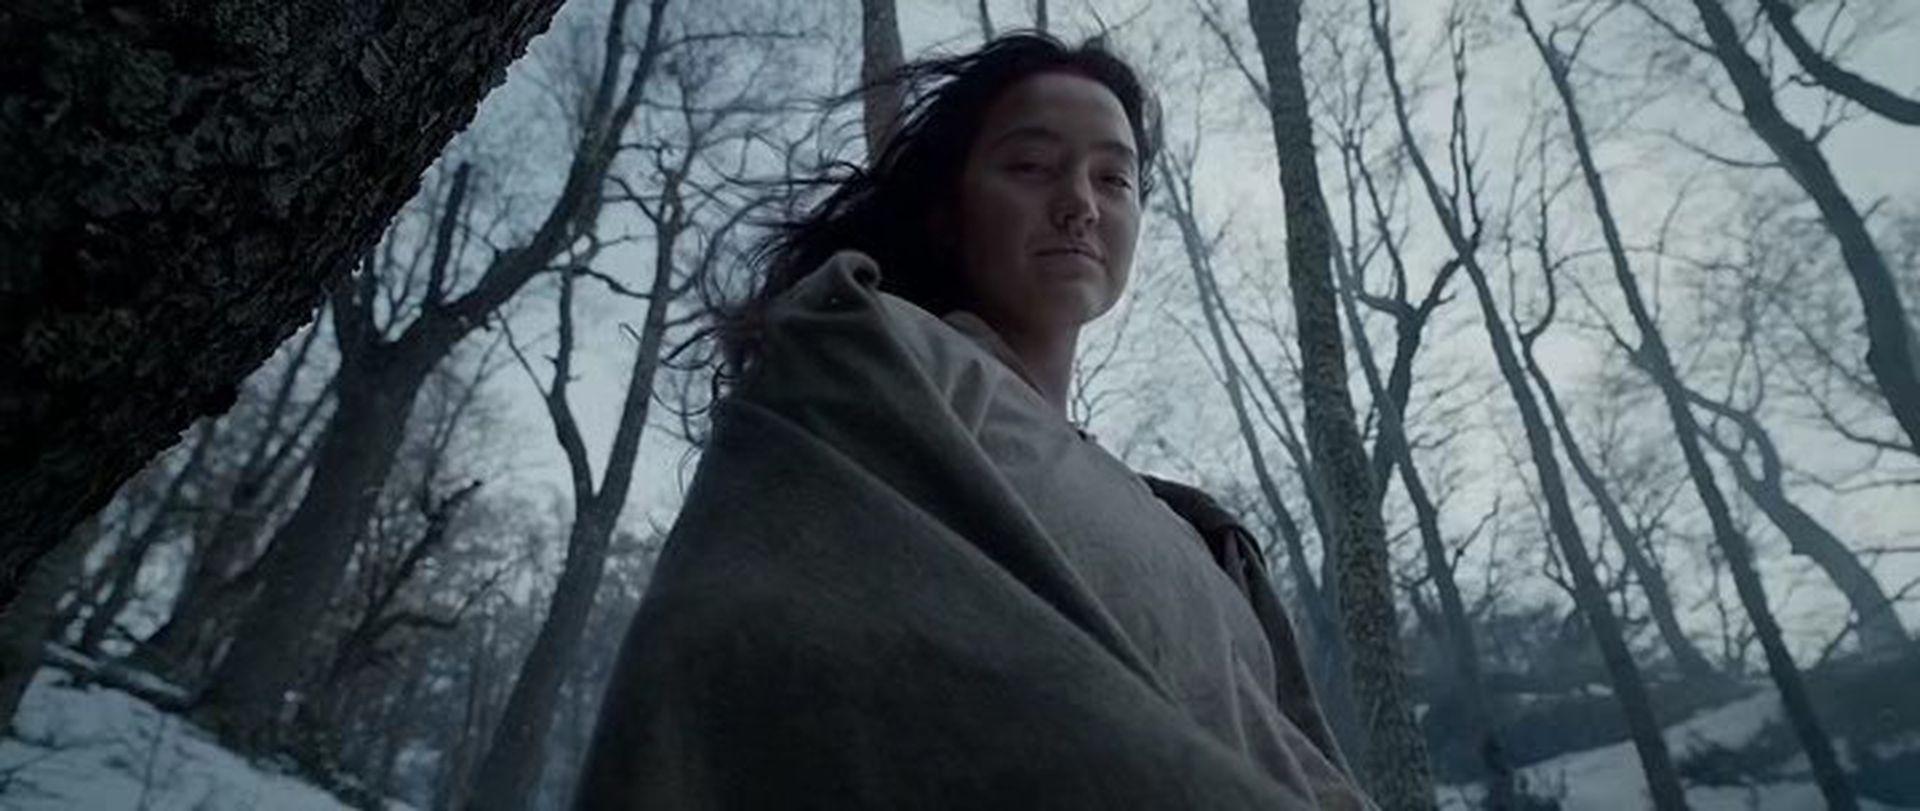 Como una aparecida  surge en la  escena aparece la mujer muerta del protagonista. La elegida fue una chica fueguina.